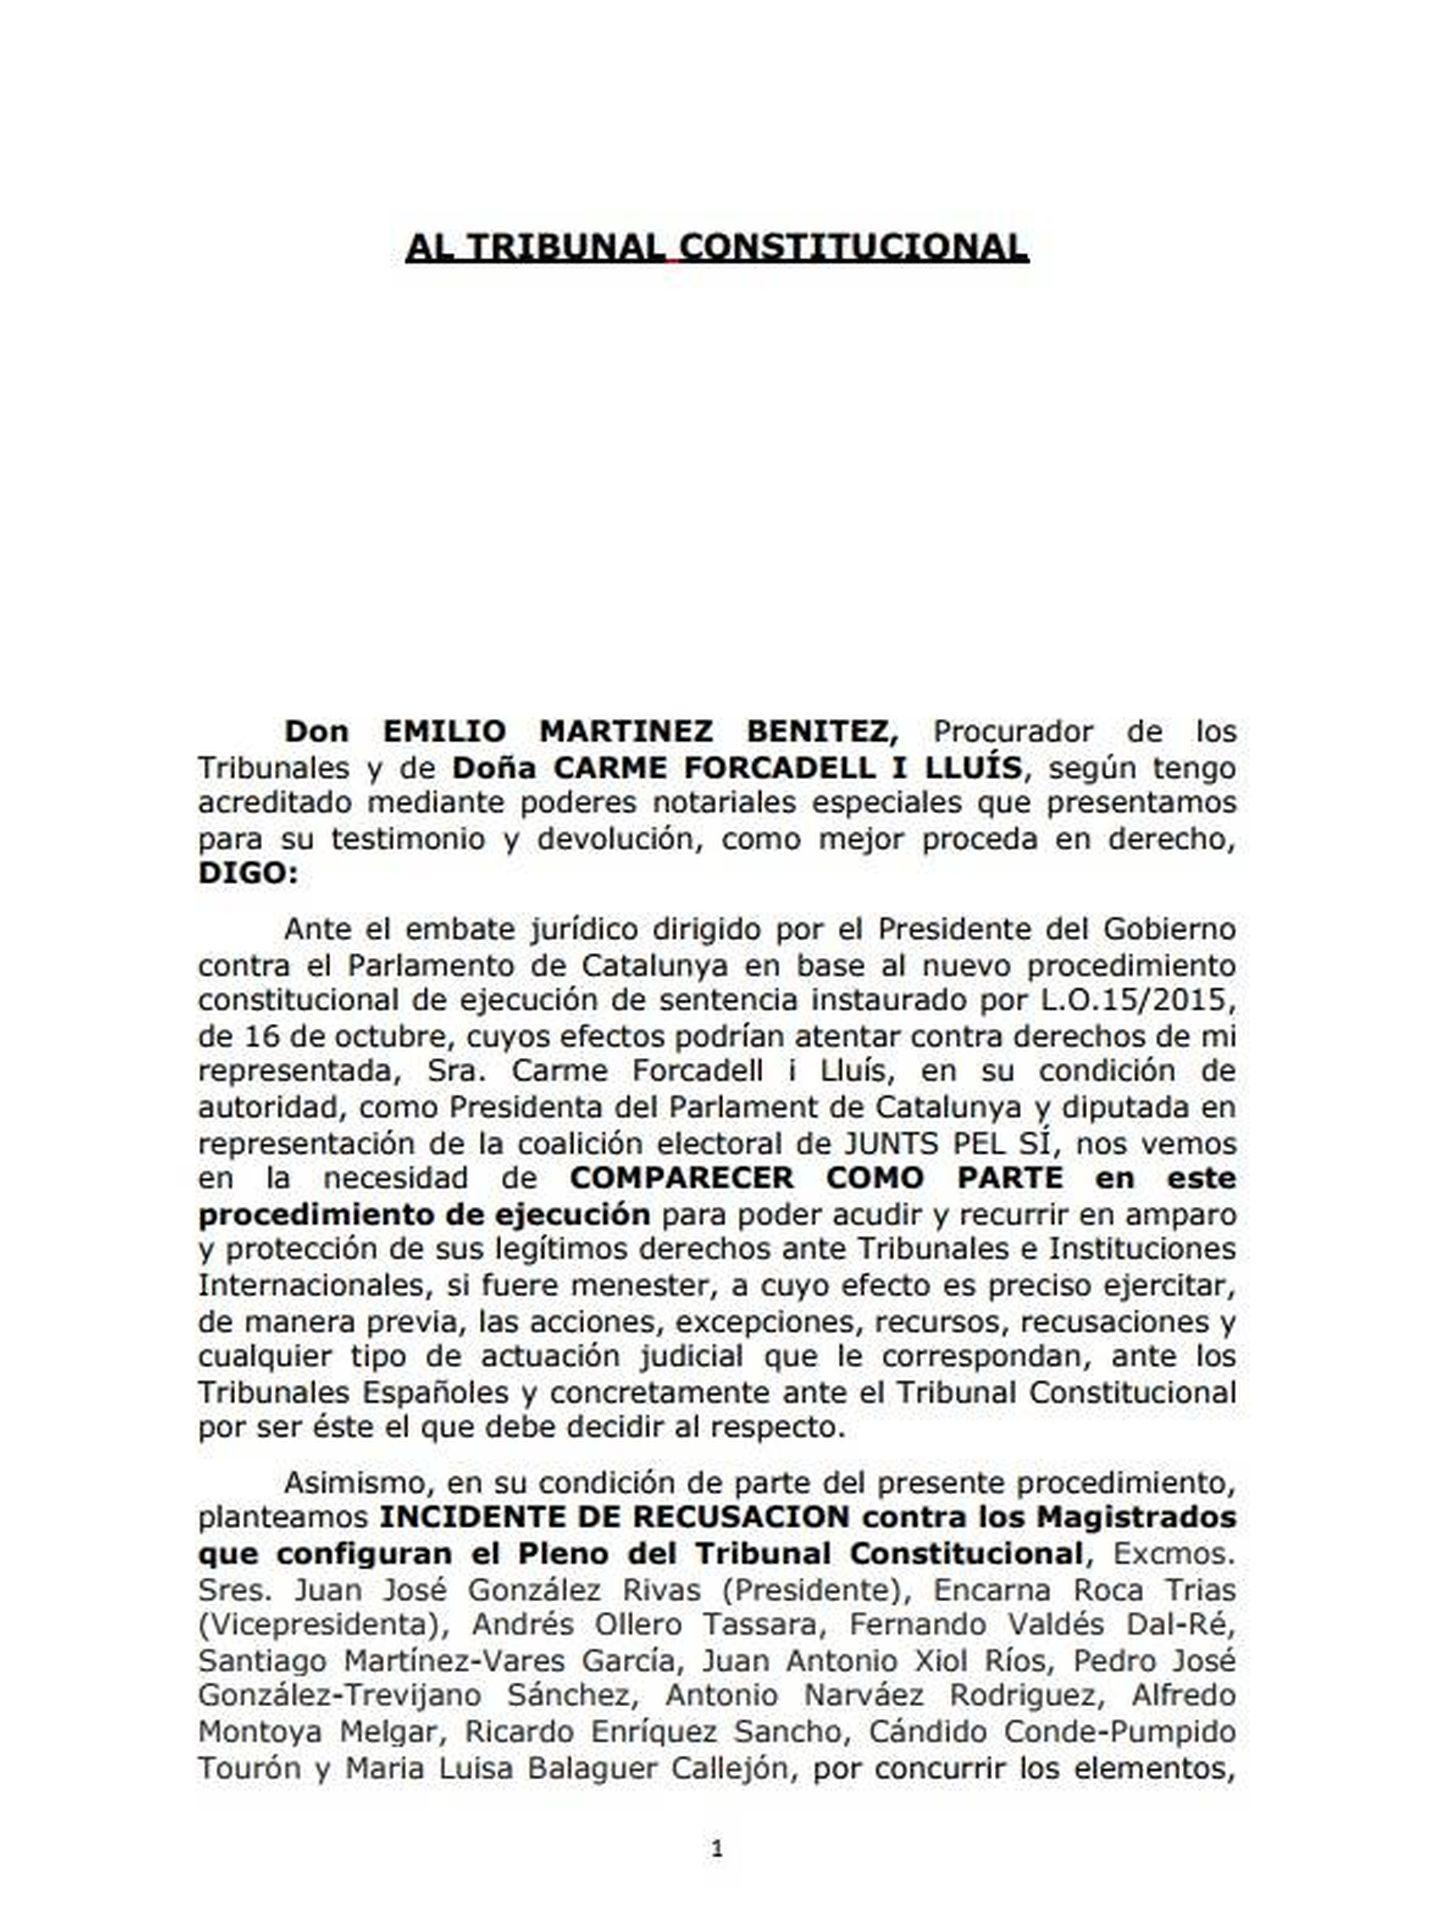 Escrito de recusación enviado al Tribunal Constitucional